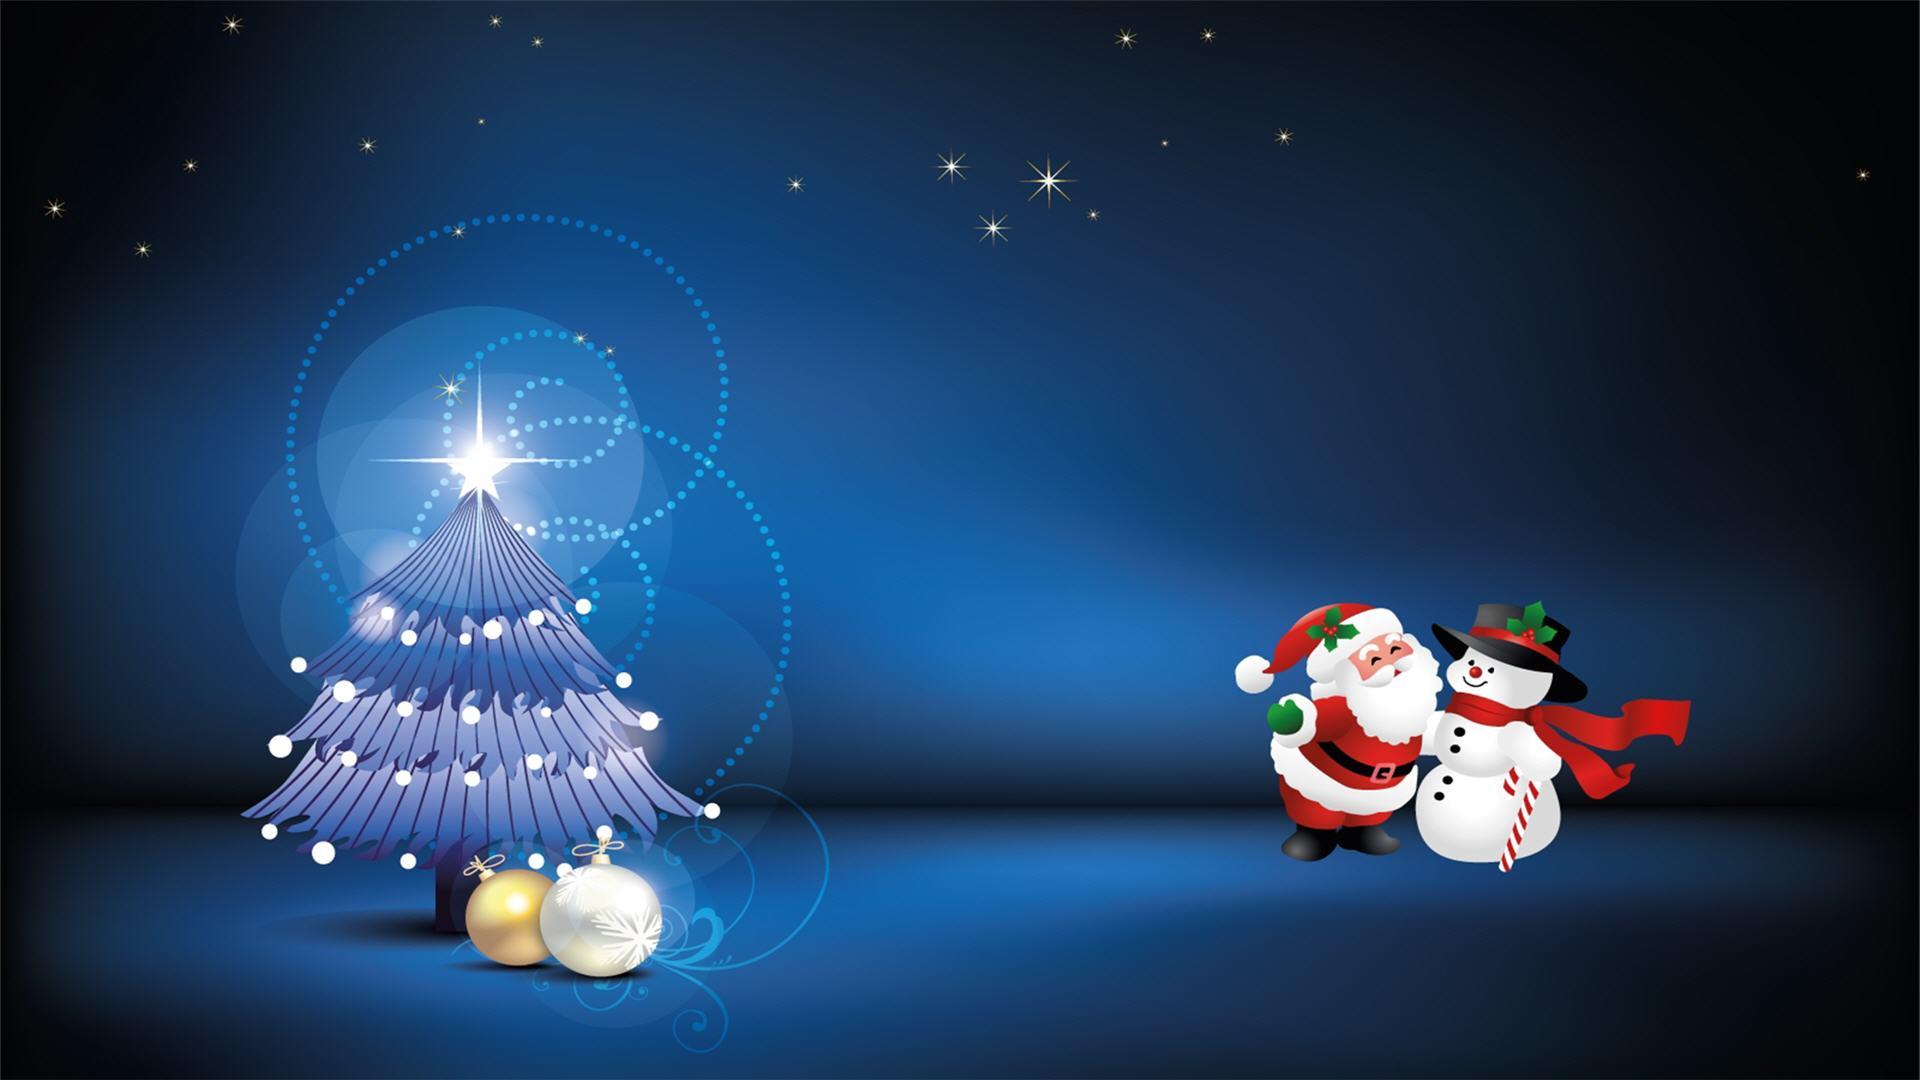 Fondo Escritorio Nevada Navideña: Navidad, Fondos De Navidad, Wallpapers HD